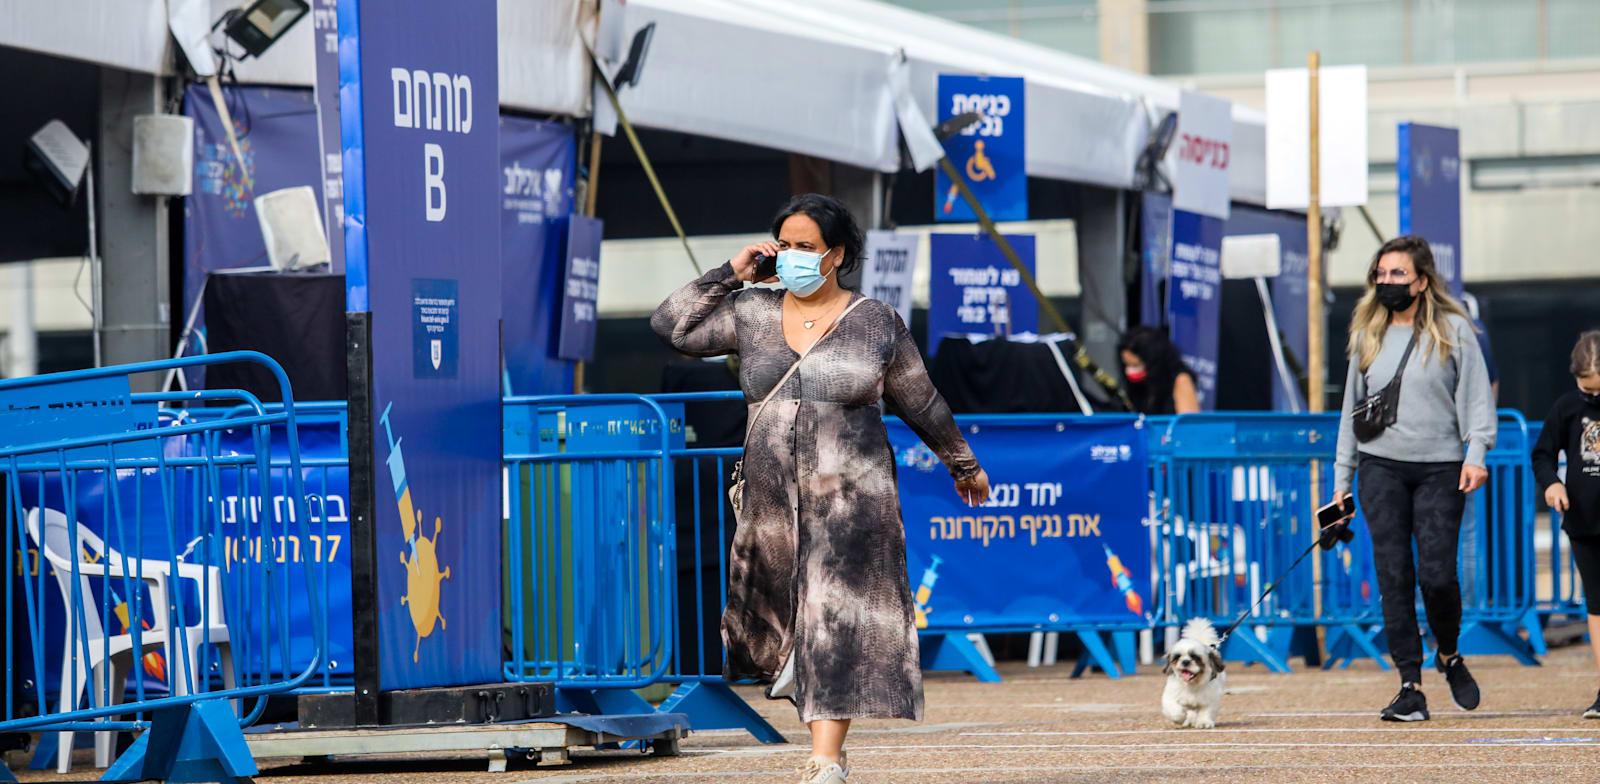 מתחם חיסוני הקורונה בתל אביב / צילום: שלומי יוסף